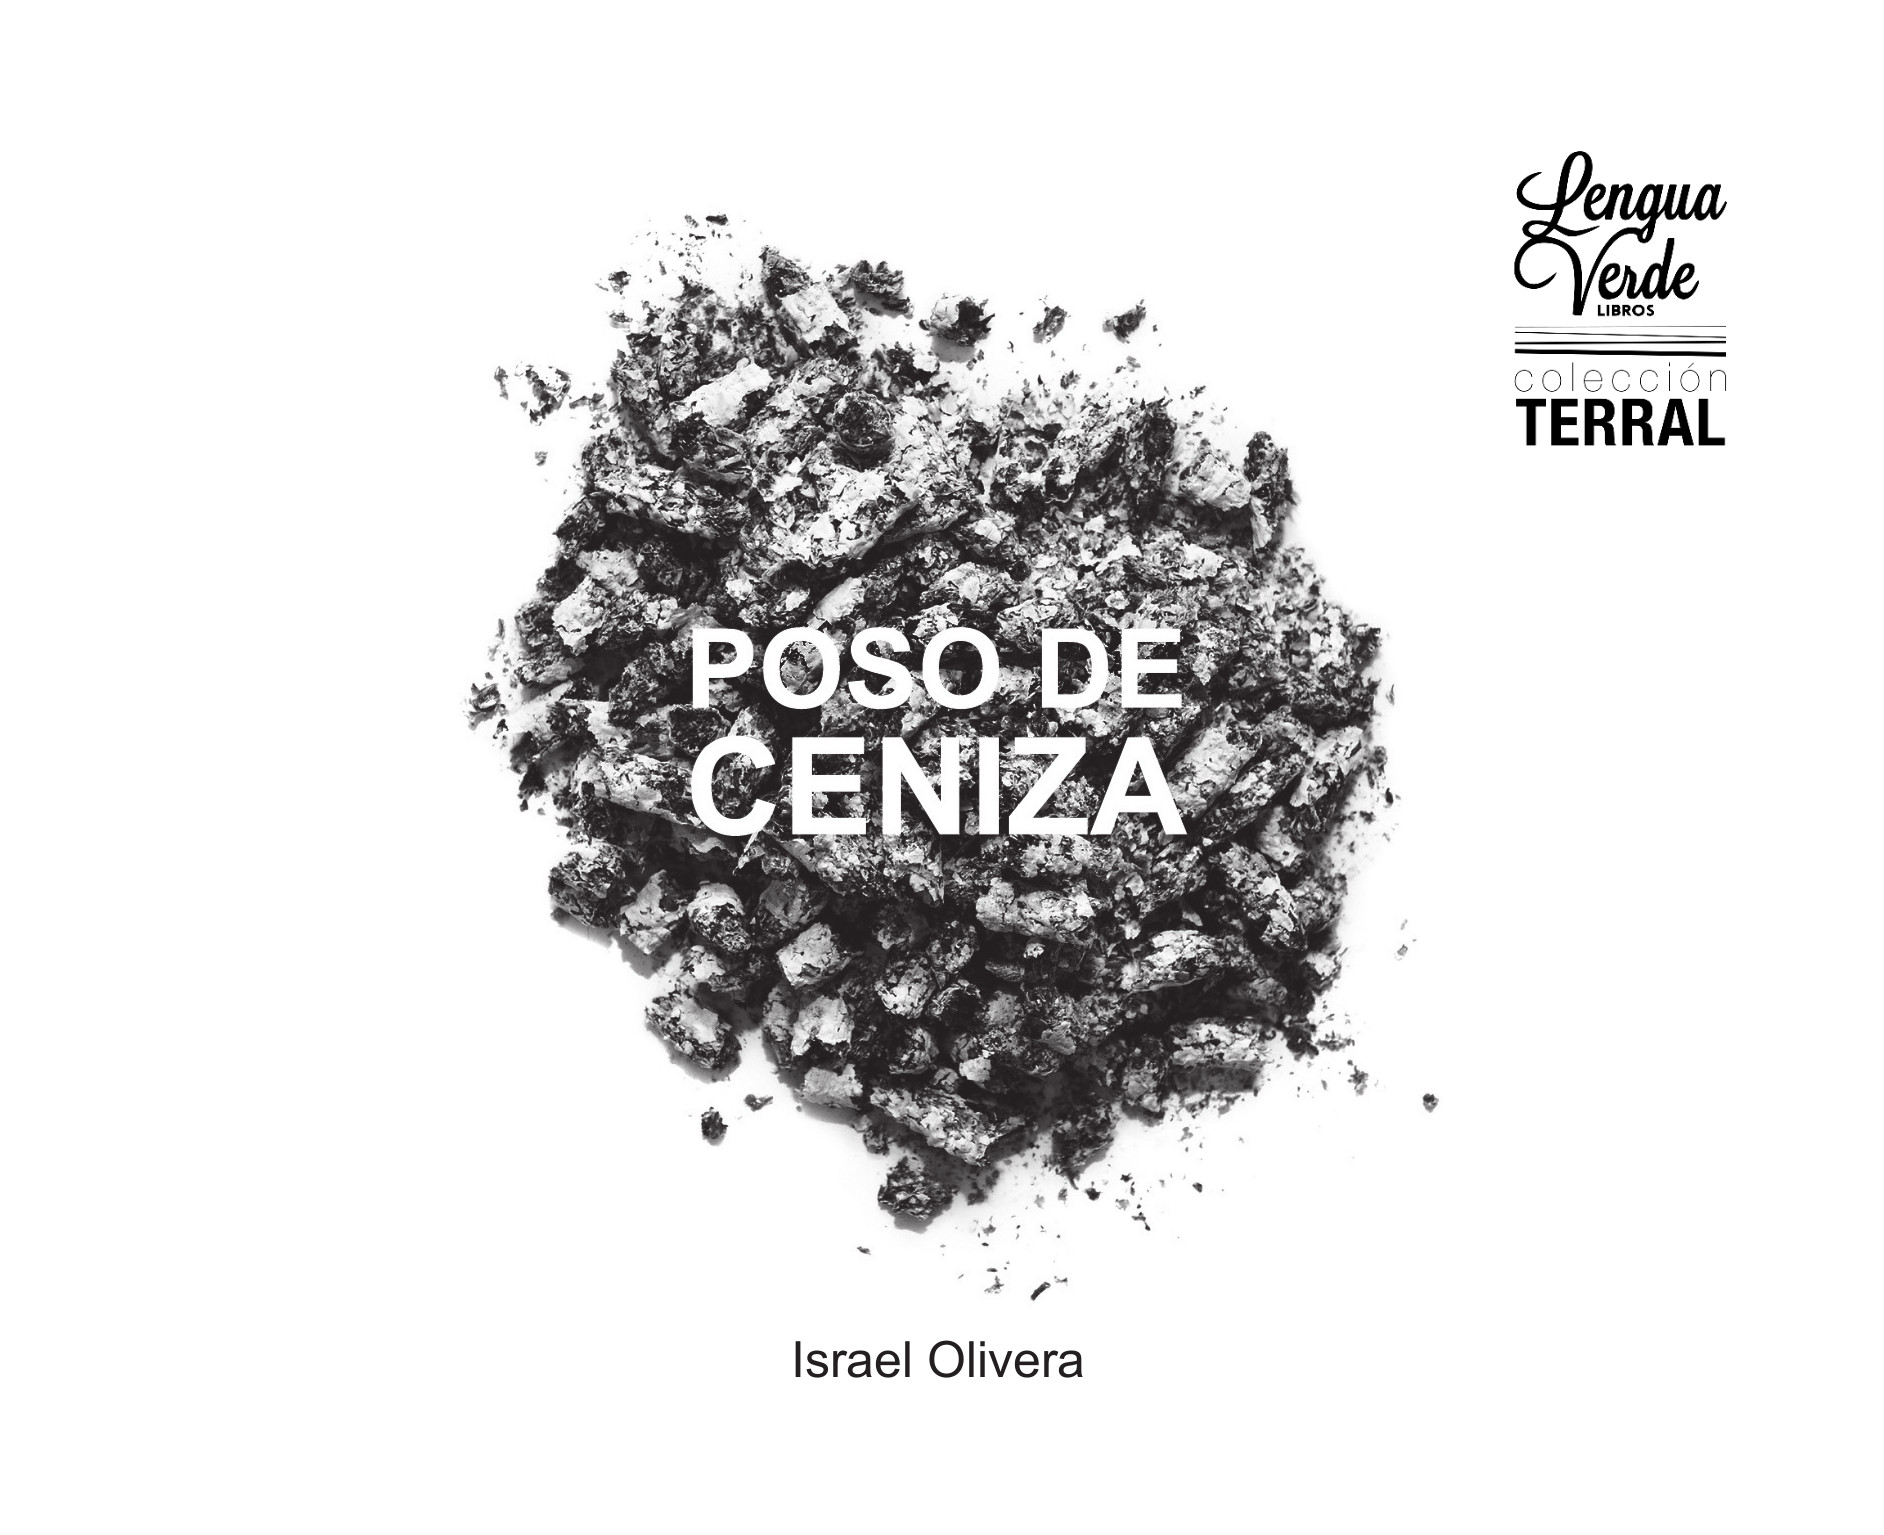 Novedades, sorpresas y poesía como 'Poso de ceniza', de Israel Olivera